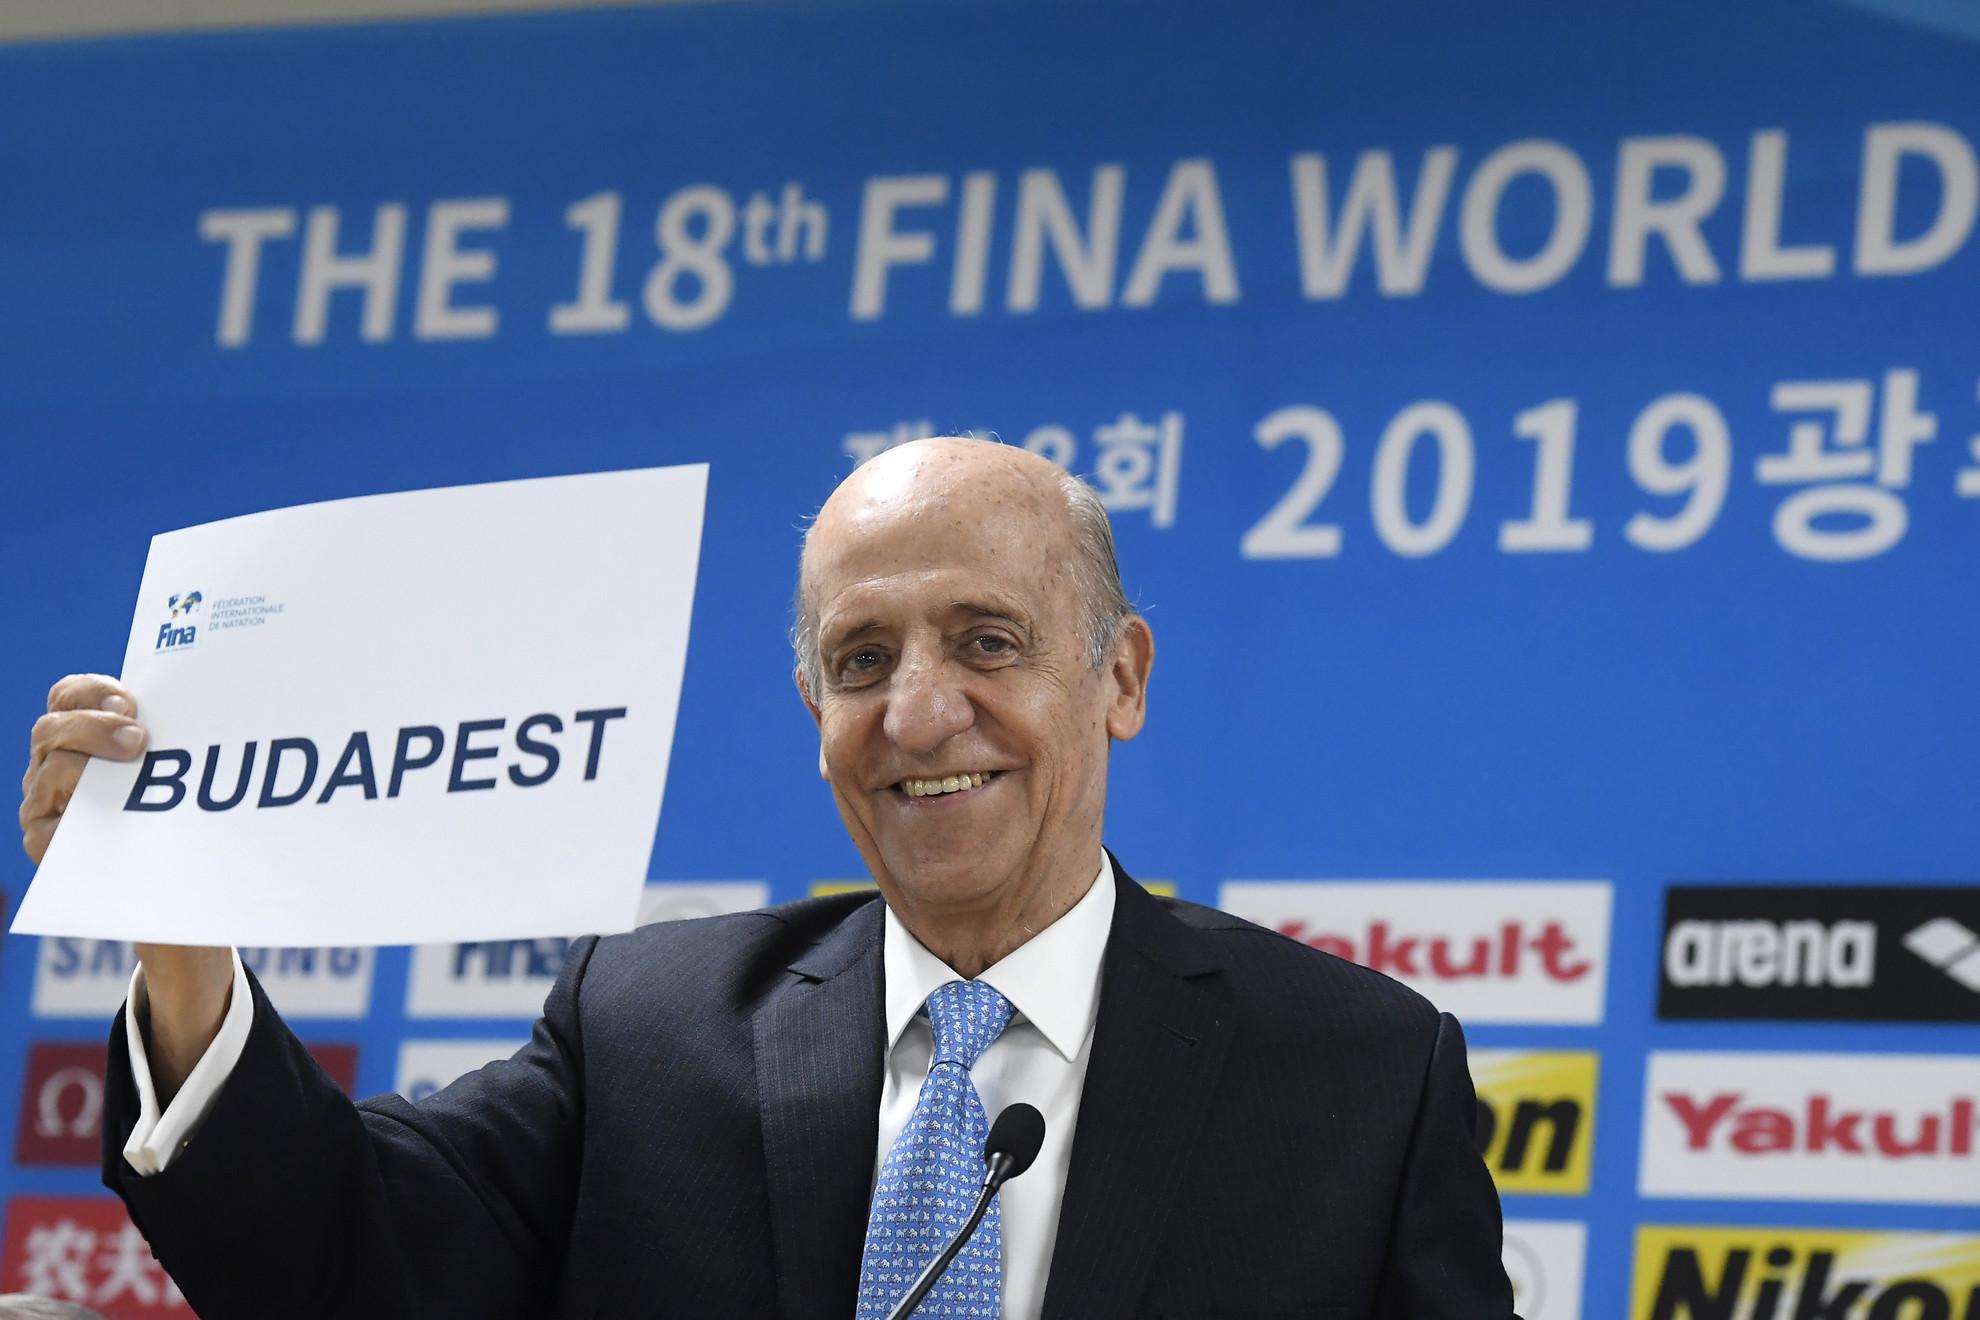 Julio Cesar Maglione, a Nemzetközi Úszó Szövetség (FINA) elnöke mutatja: Budapest a 2027-es vb házigazdája